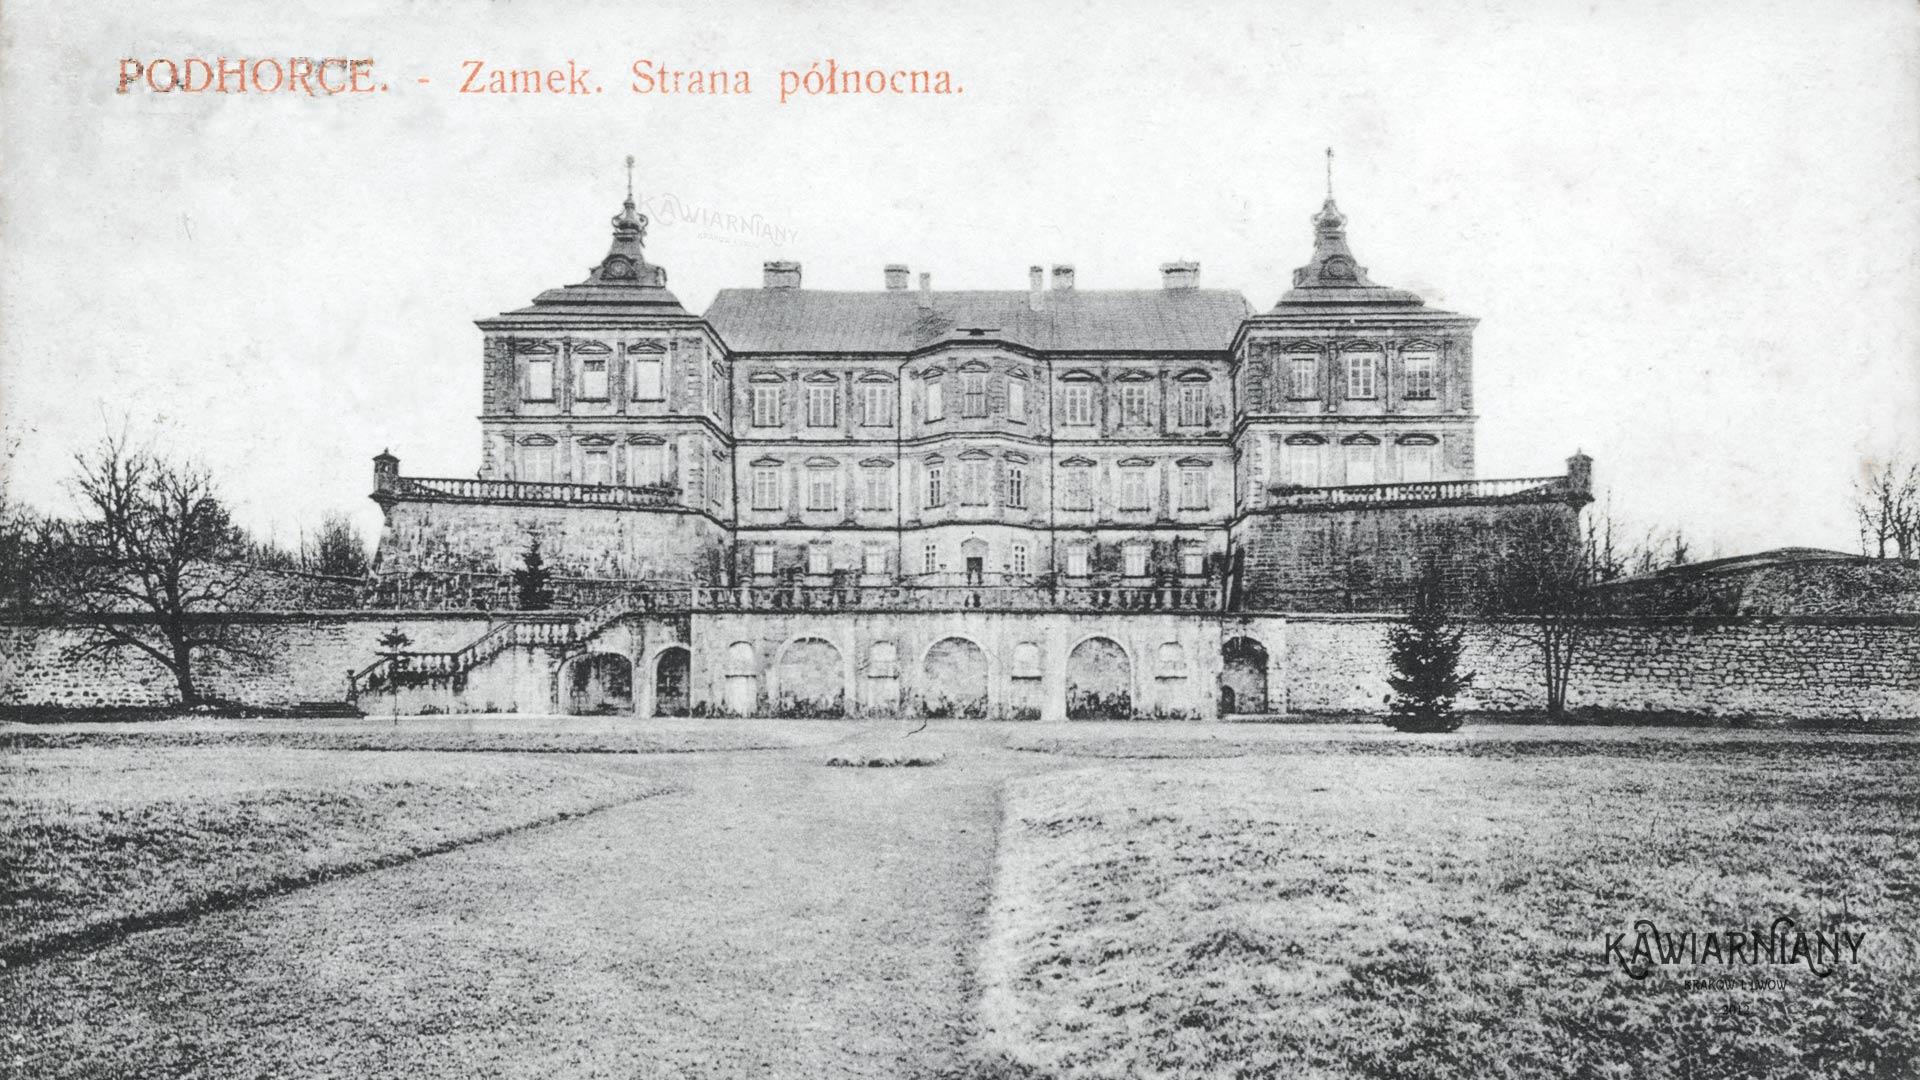 Zamek Stanisława Koniecpolskiego w Podhorcach